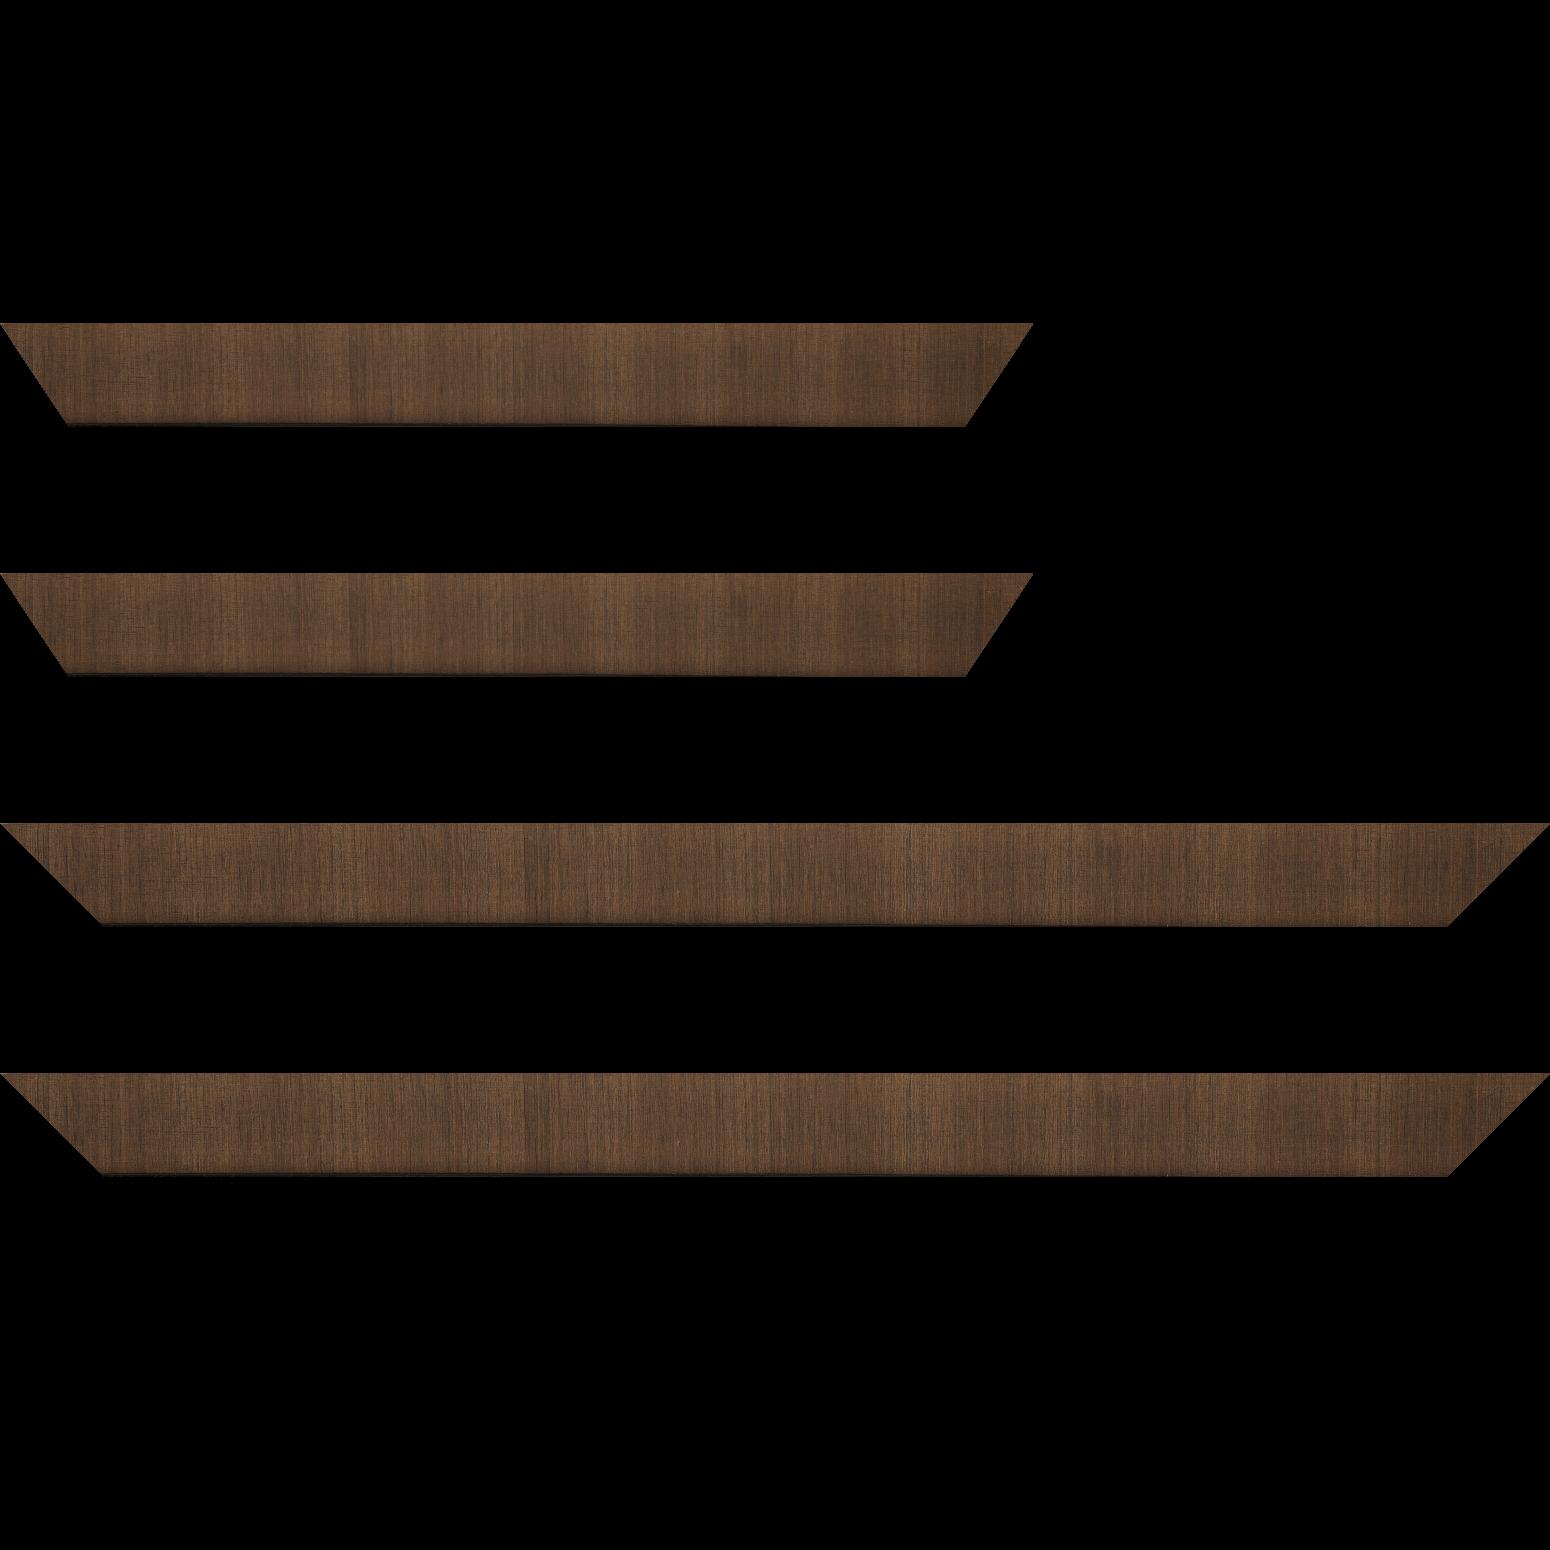 Baguette service précoupé Bois profil incurvé largeur 2.8cm plaquage haut de gamme teck teinté noyer